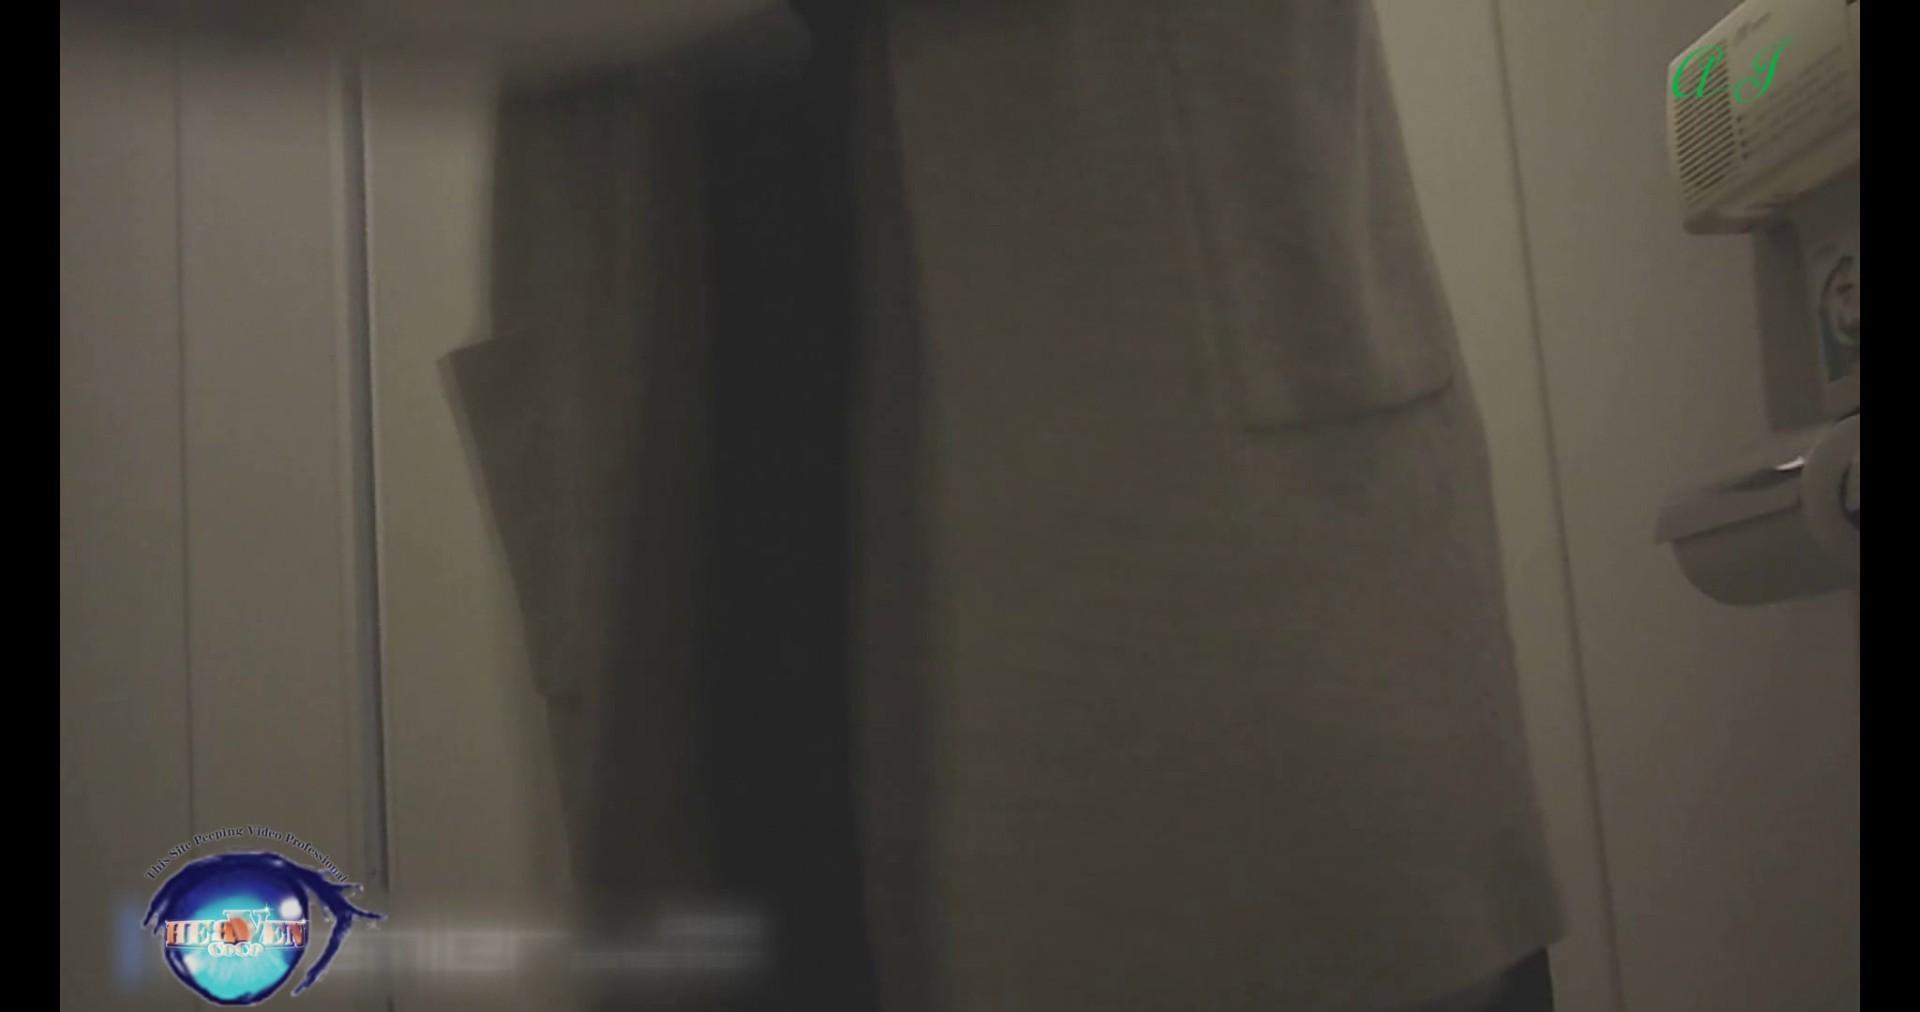 【某有名大学女性洗面所】有名大学女性洗面所 vol.74 前編 綺麗なOLたち SEX無修正画像 98枚 86